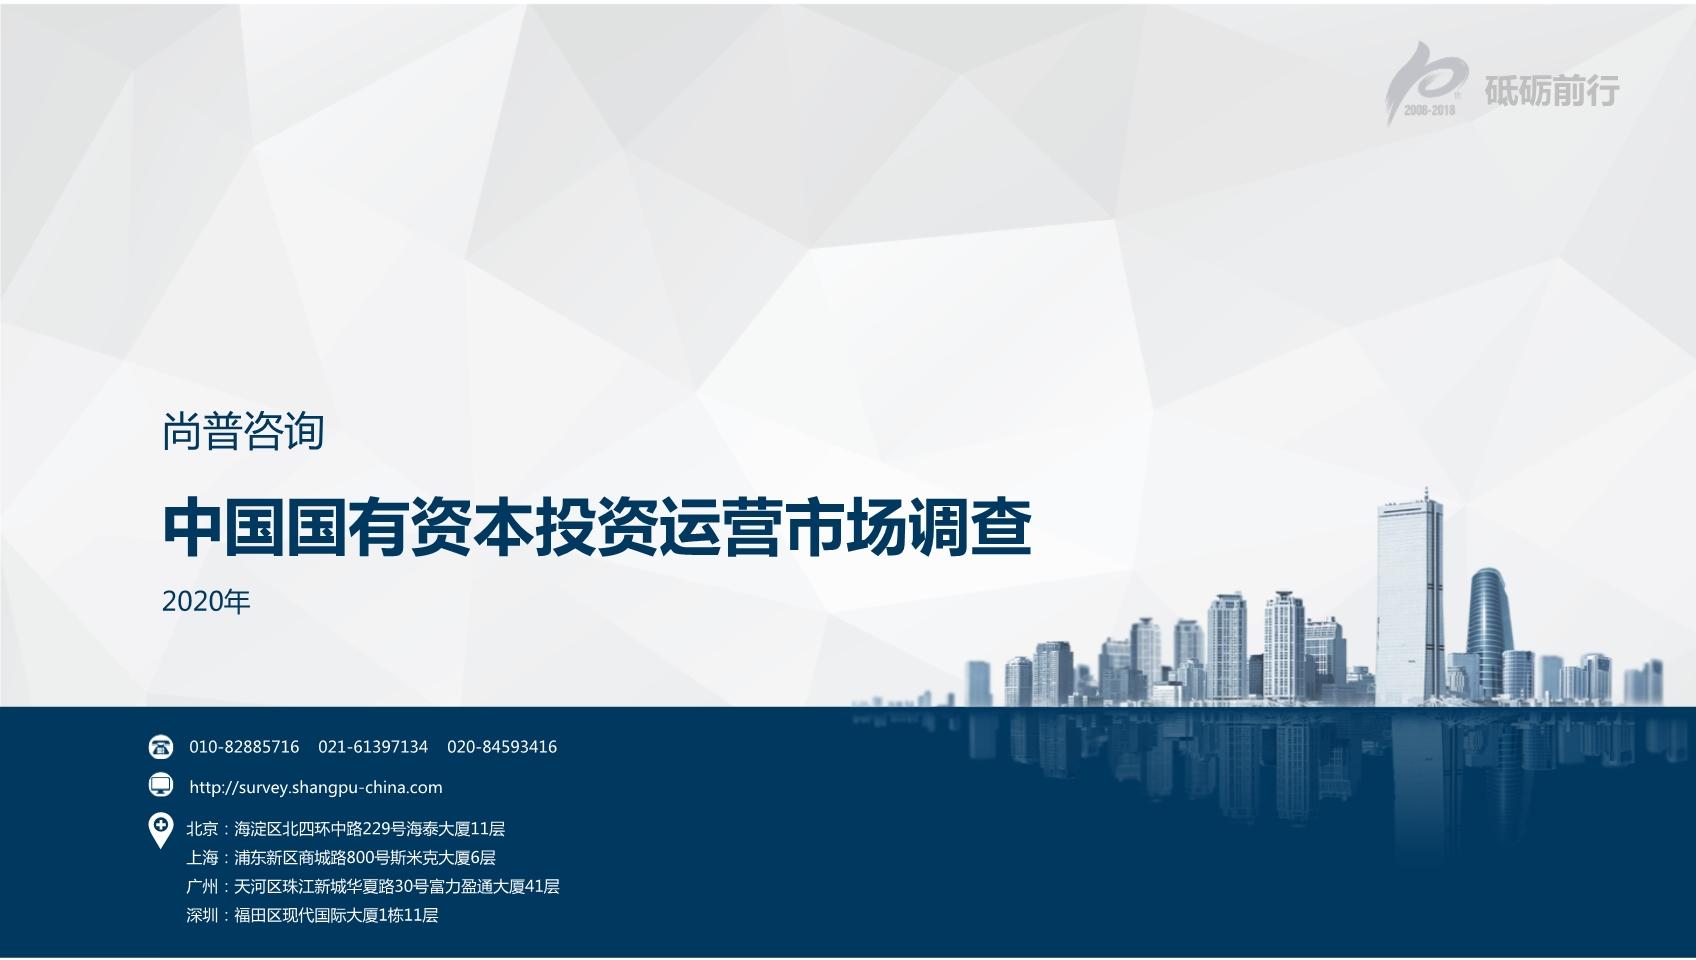 尚普咨询:2020年中国国有资本投资运营市场调查